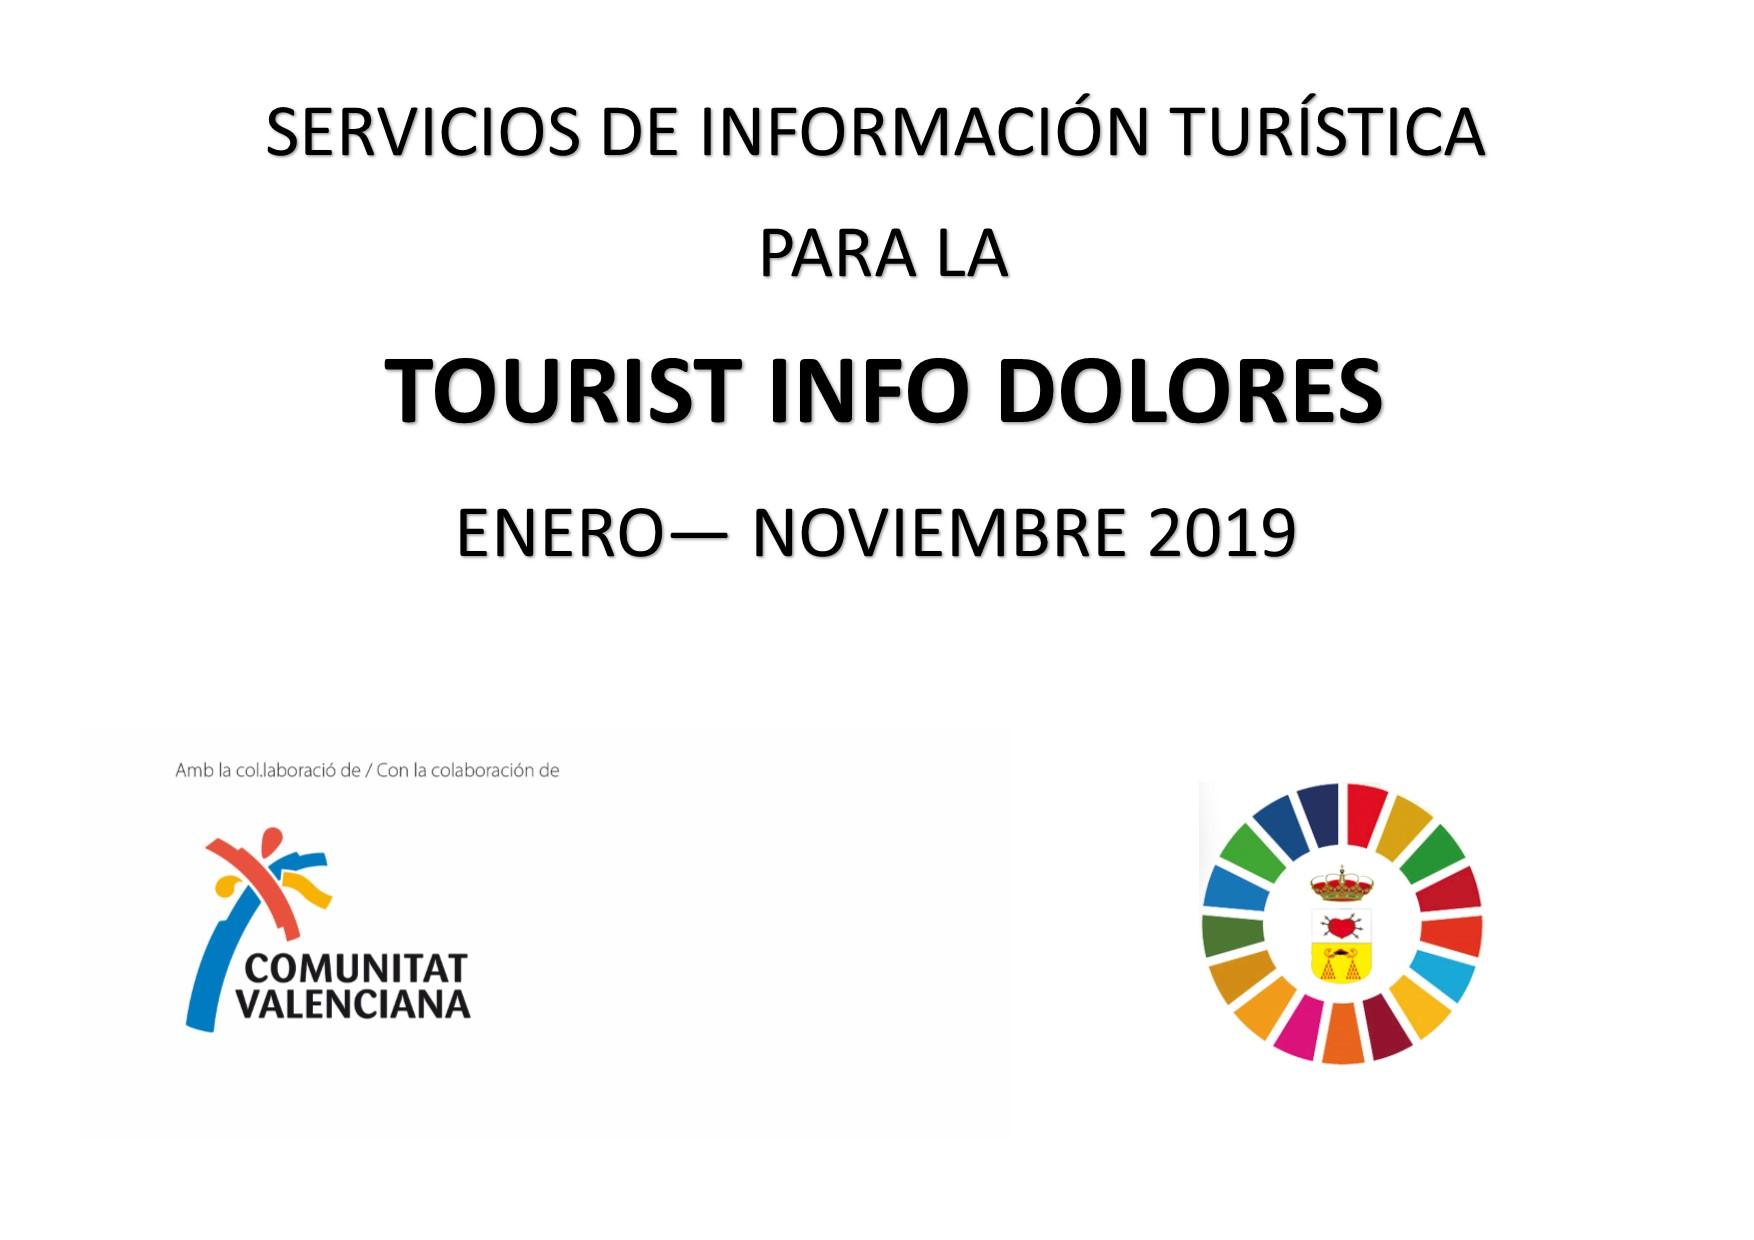 El Turismo como sector estratégico para la Comunitat Valenciana